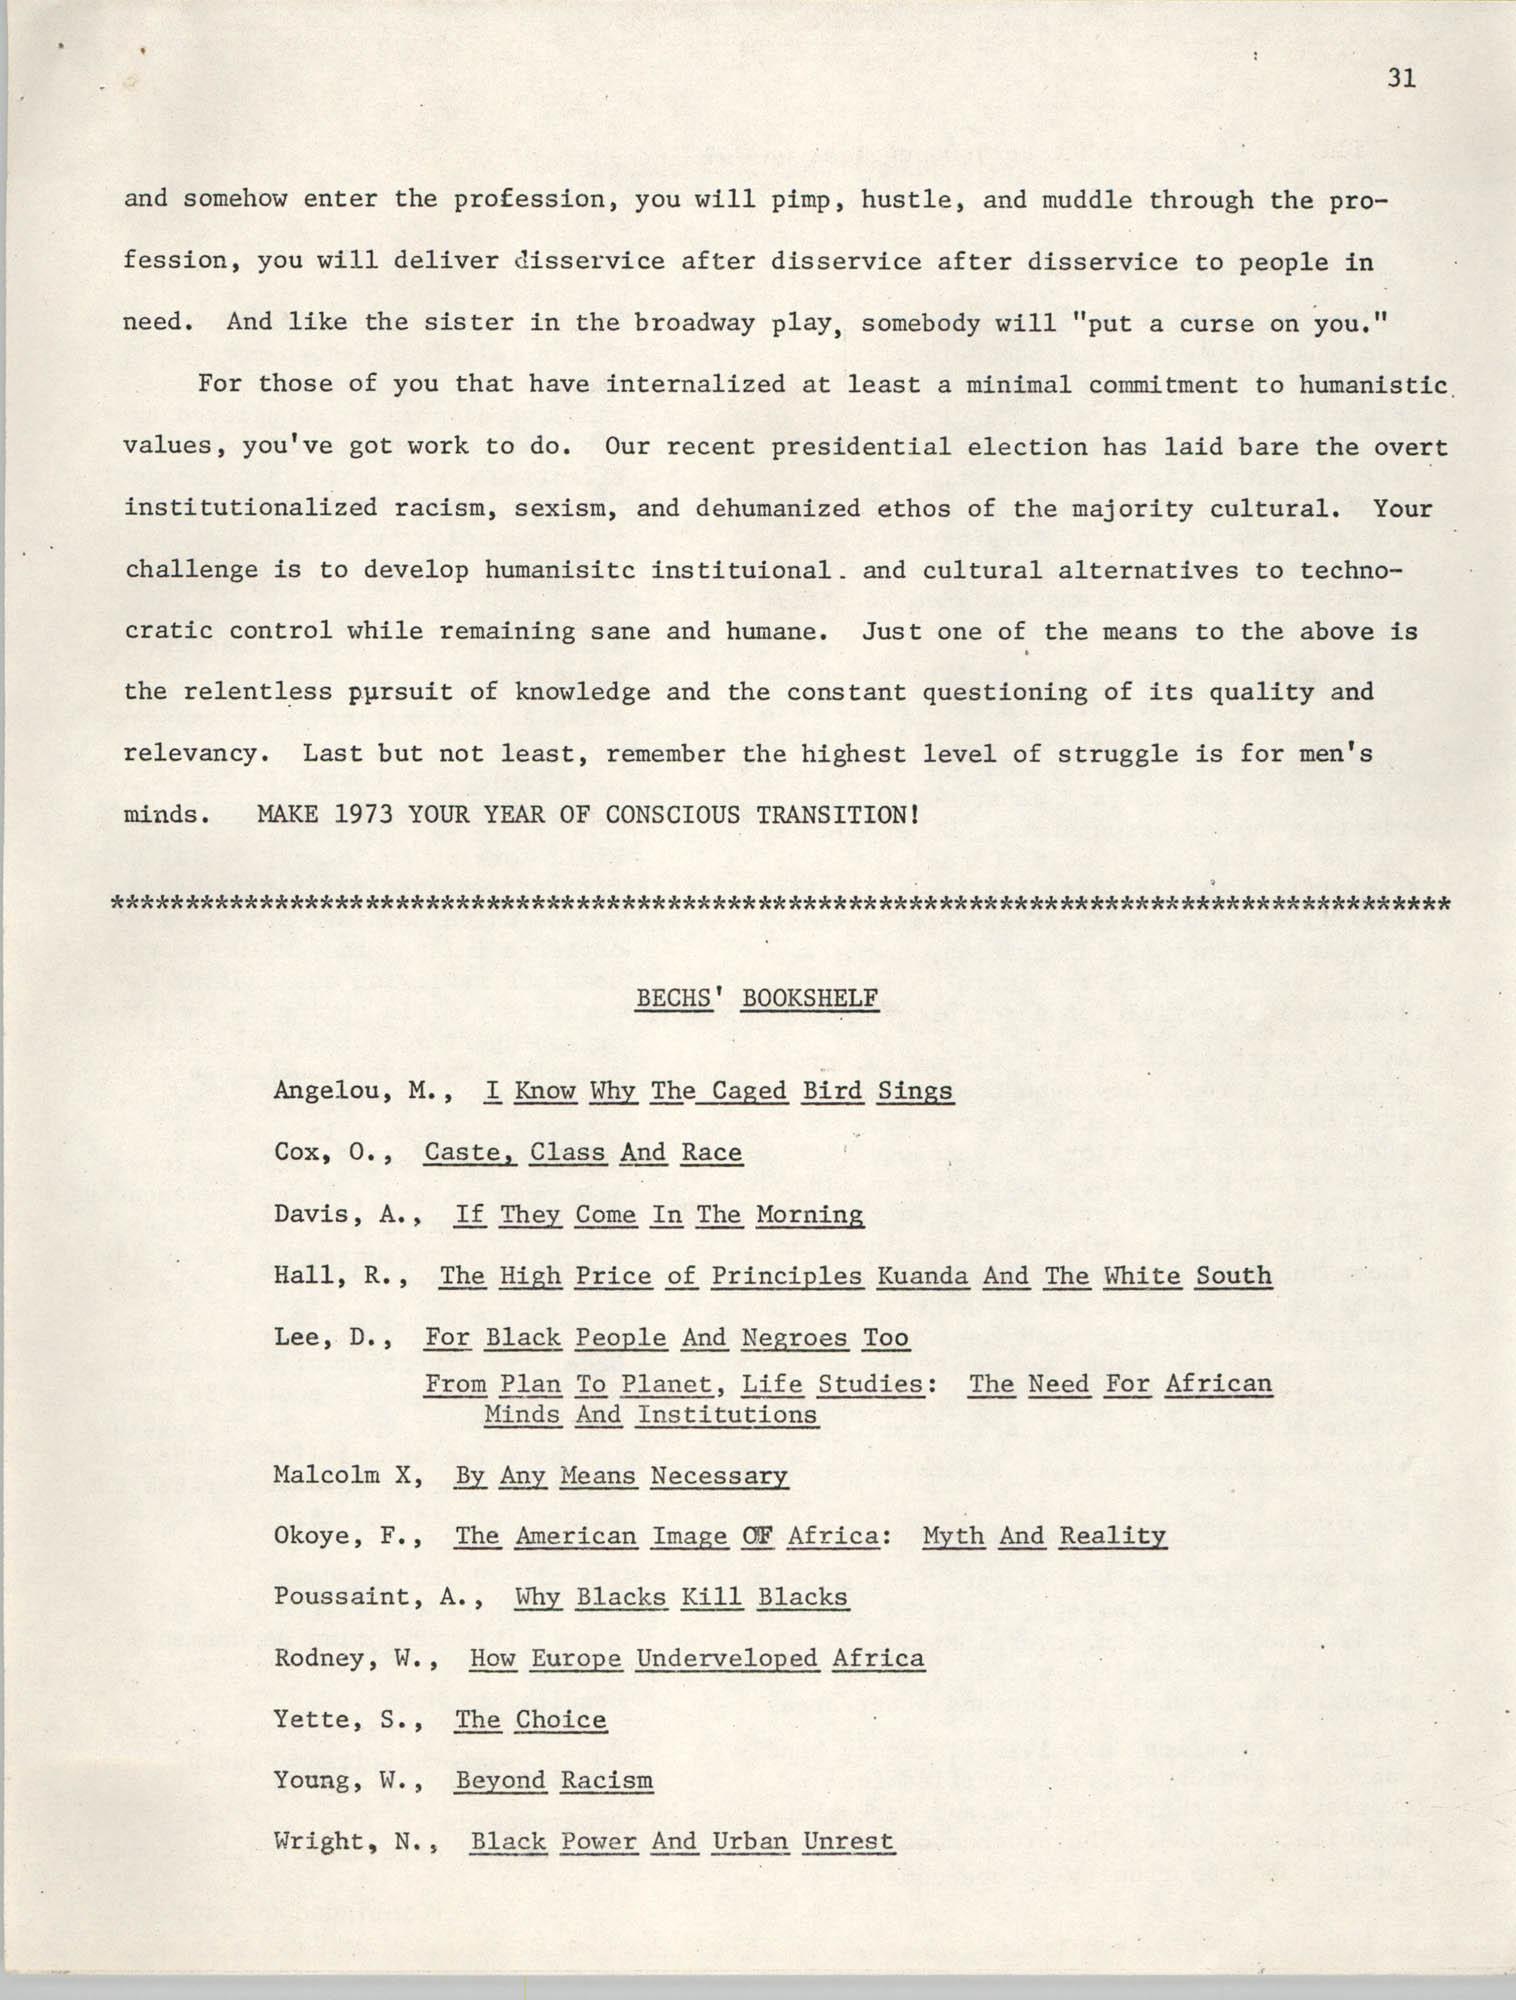 SHARE, Volume I, Number 8, April 1973, Page 31